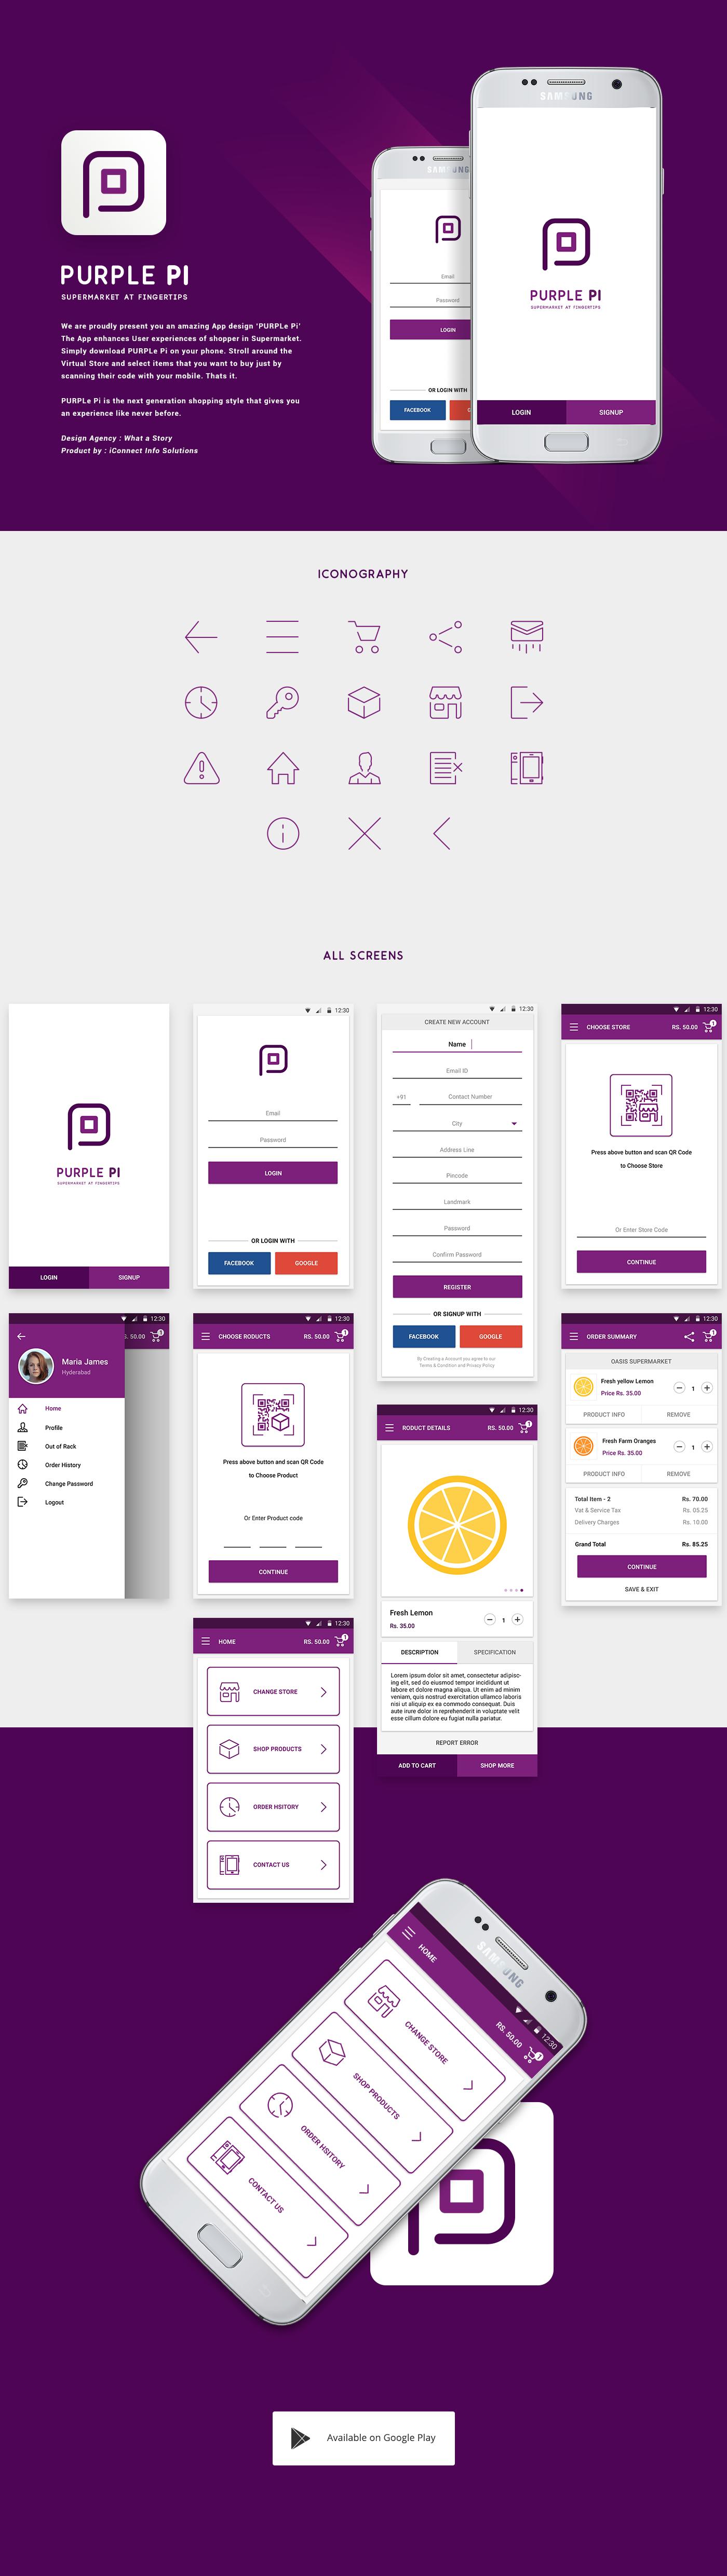 PurplePi App